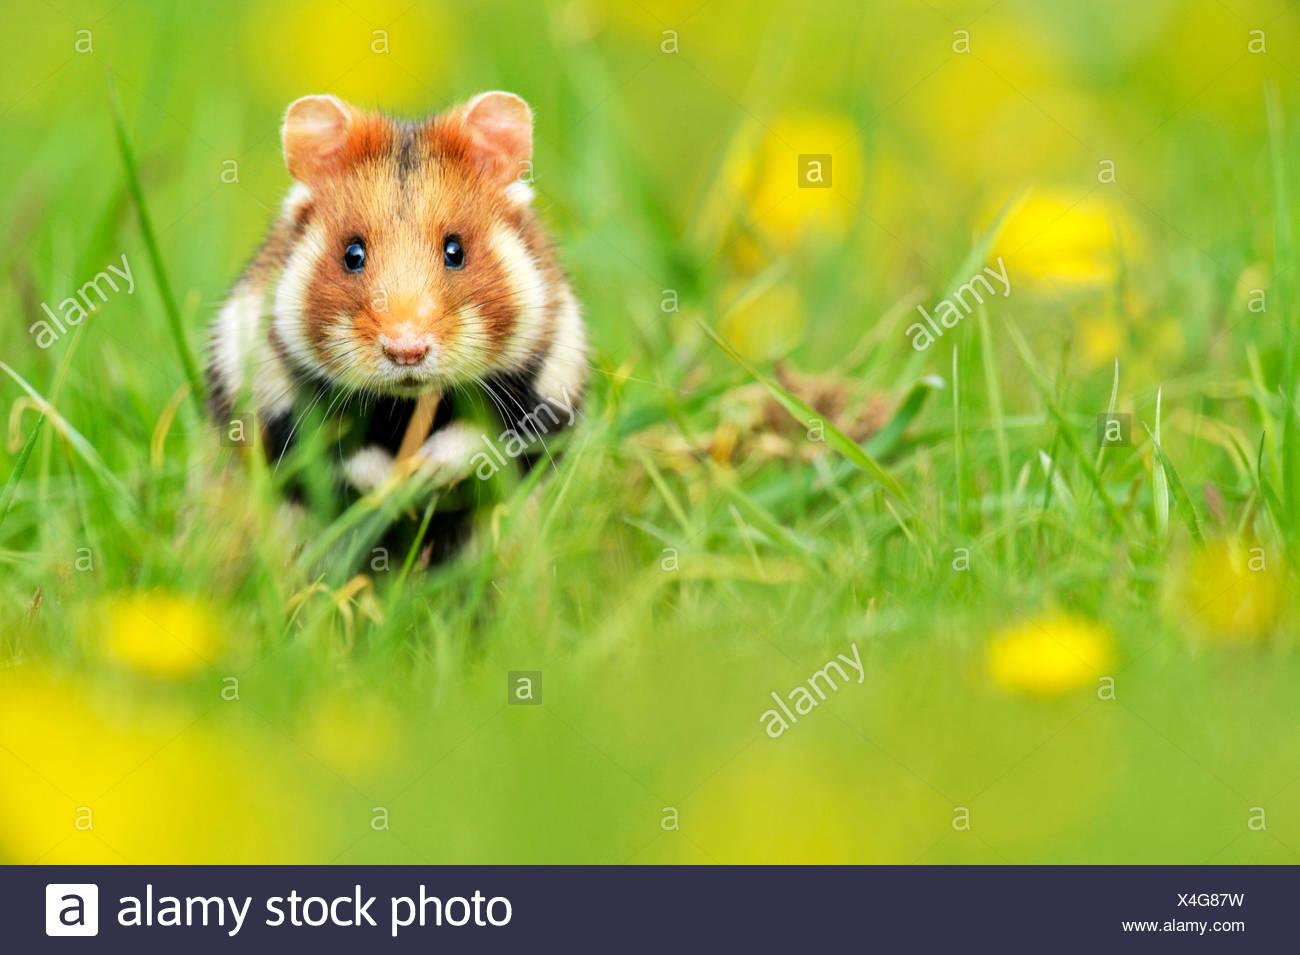 Hamster Stockfotos Und Bilder Kaufen Seite 3 Alamy